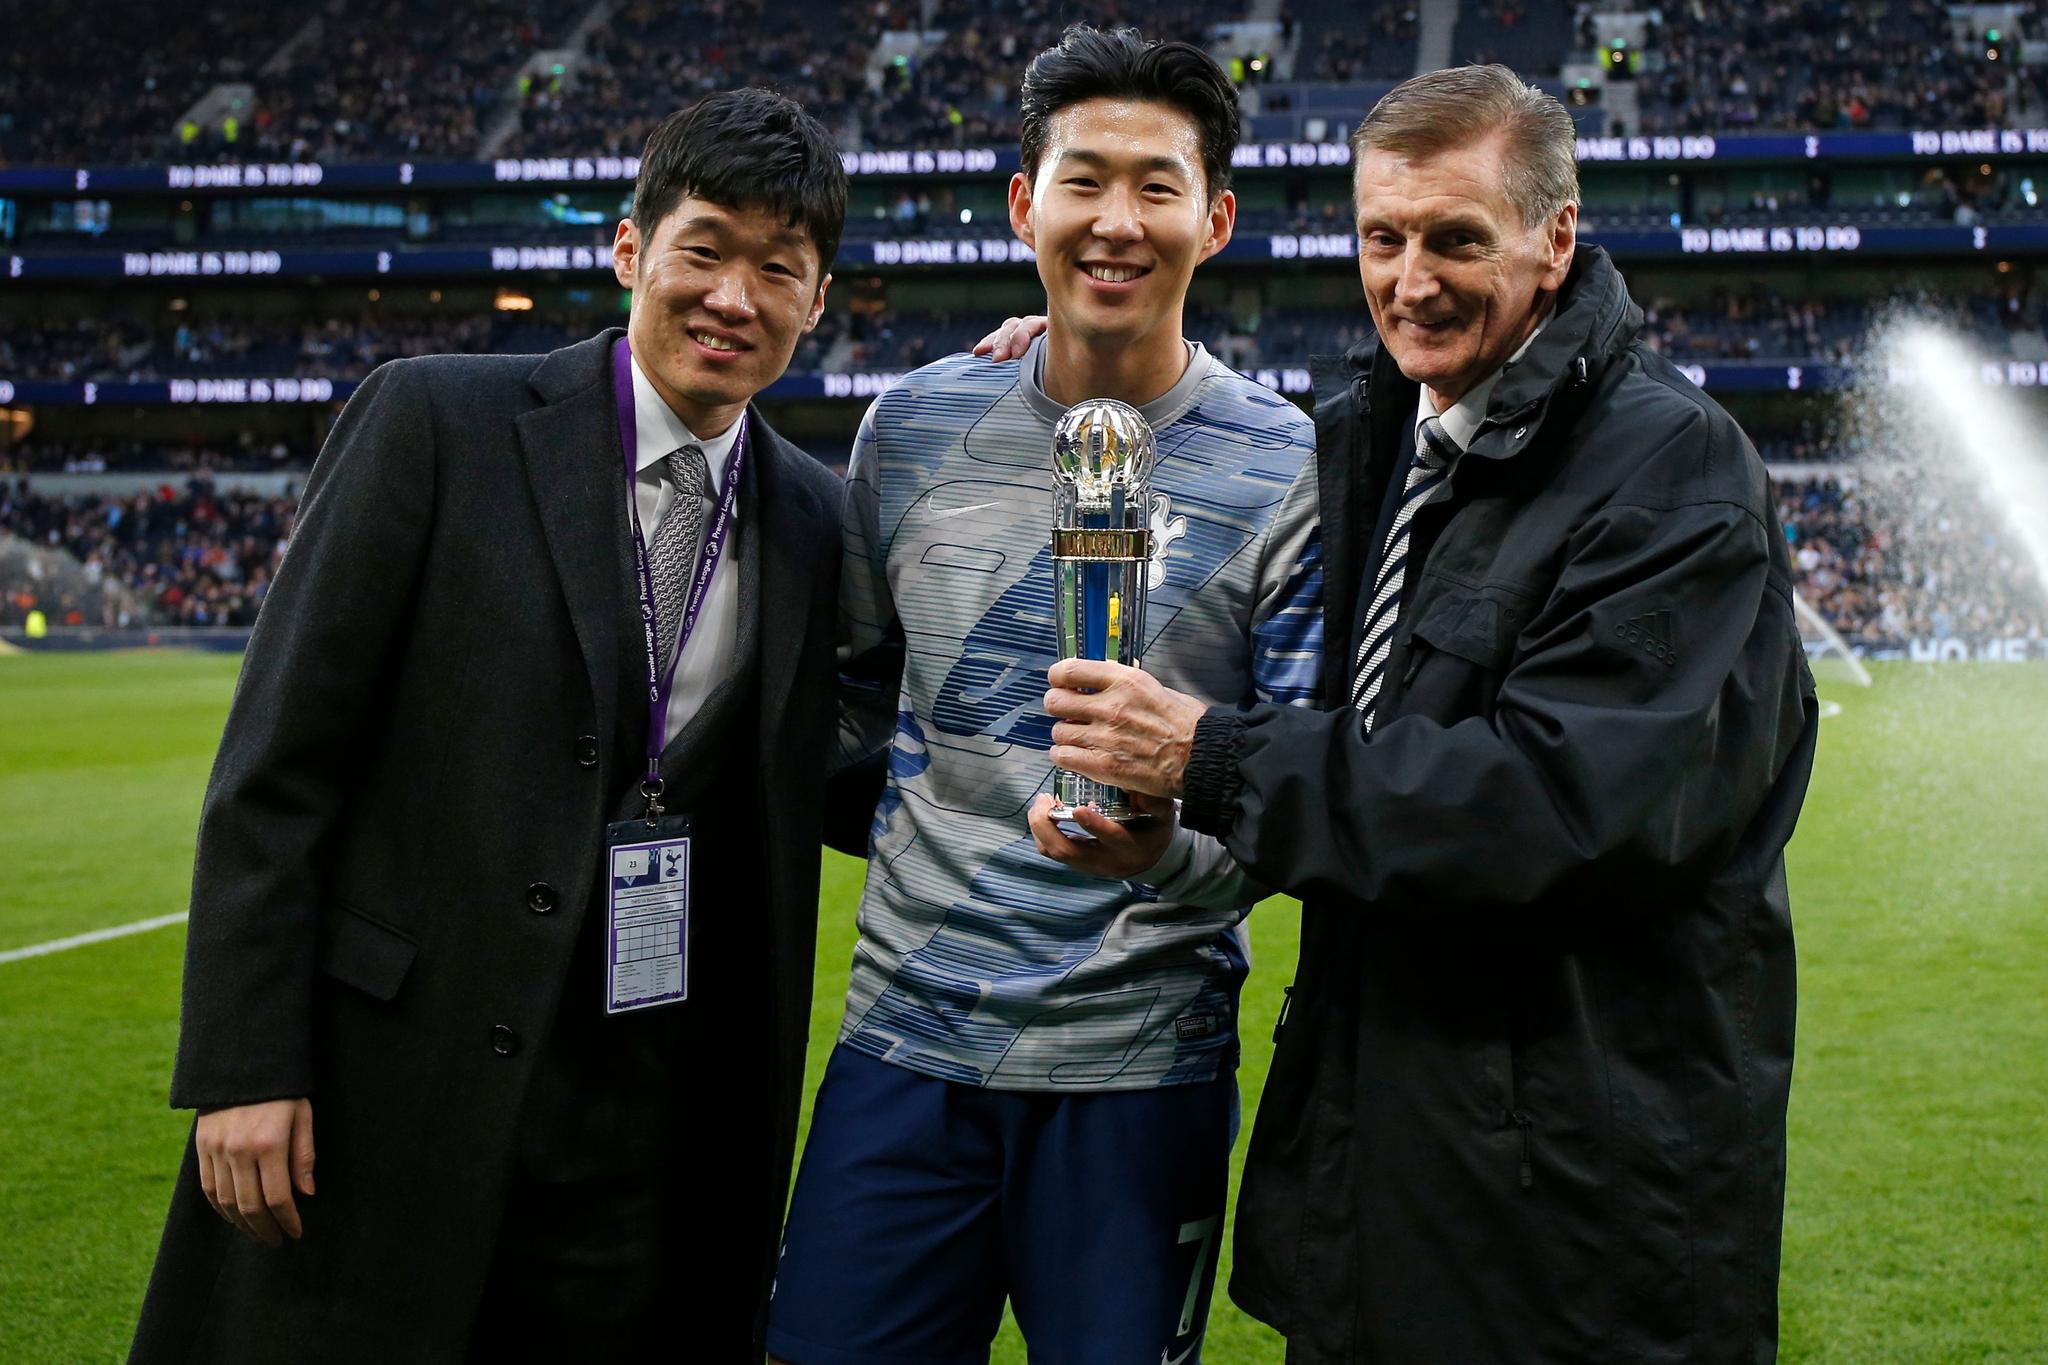 손흥민에게 아시아축구연맹 올해의 국제선수상 트로피를 전달하기 위해 런던을 찾은 박지성(왼쪽). [AFP=연합뉴스]